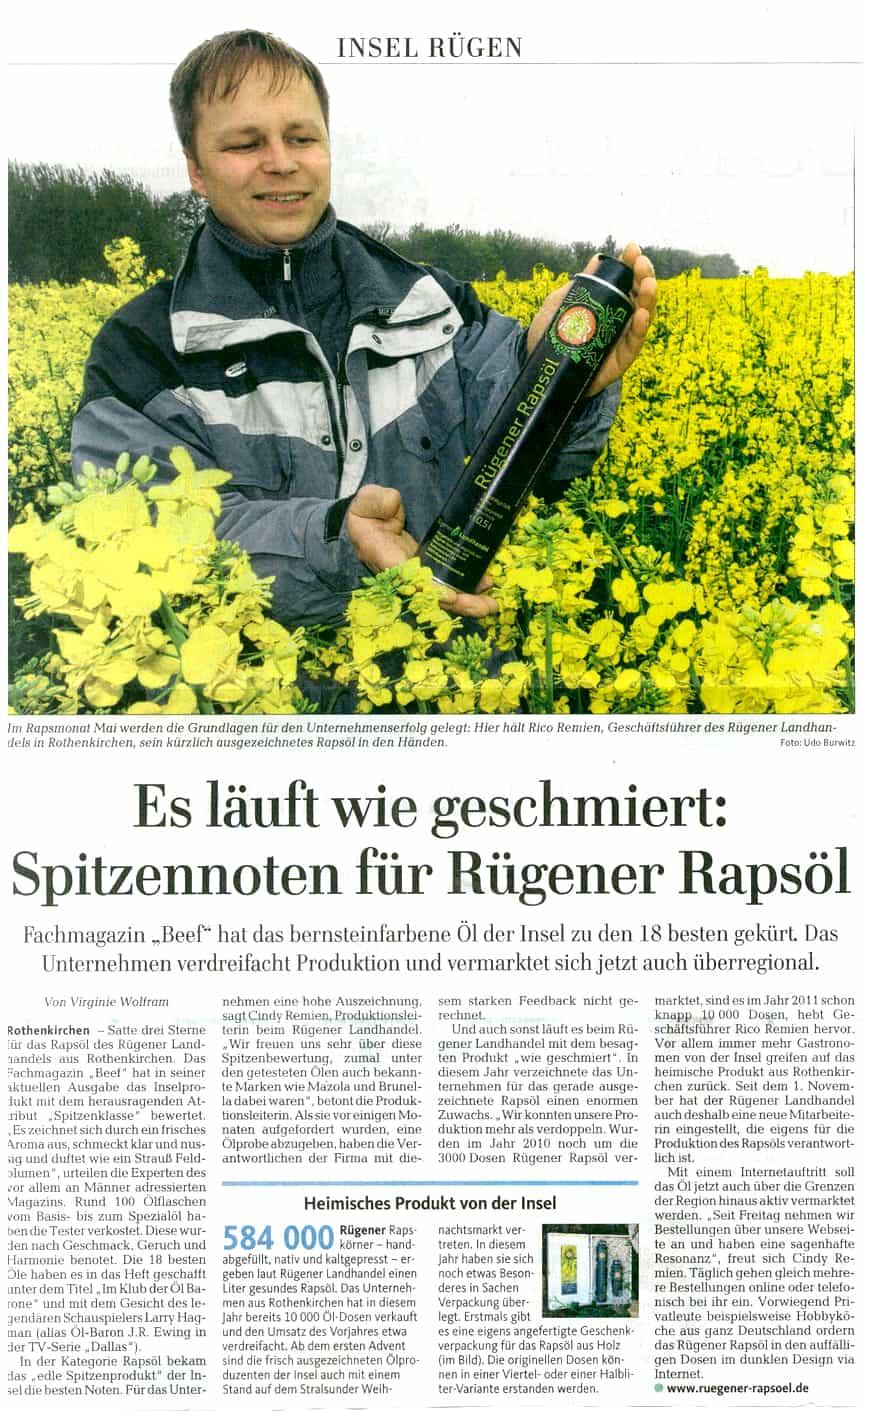 Spitzennoten für Rügener Rapsöl